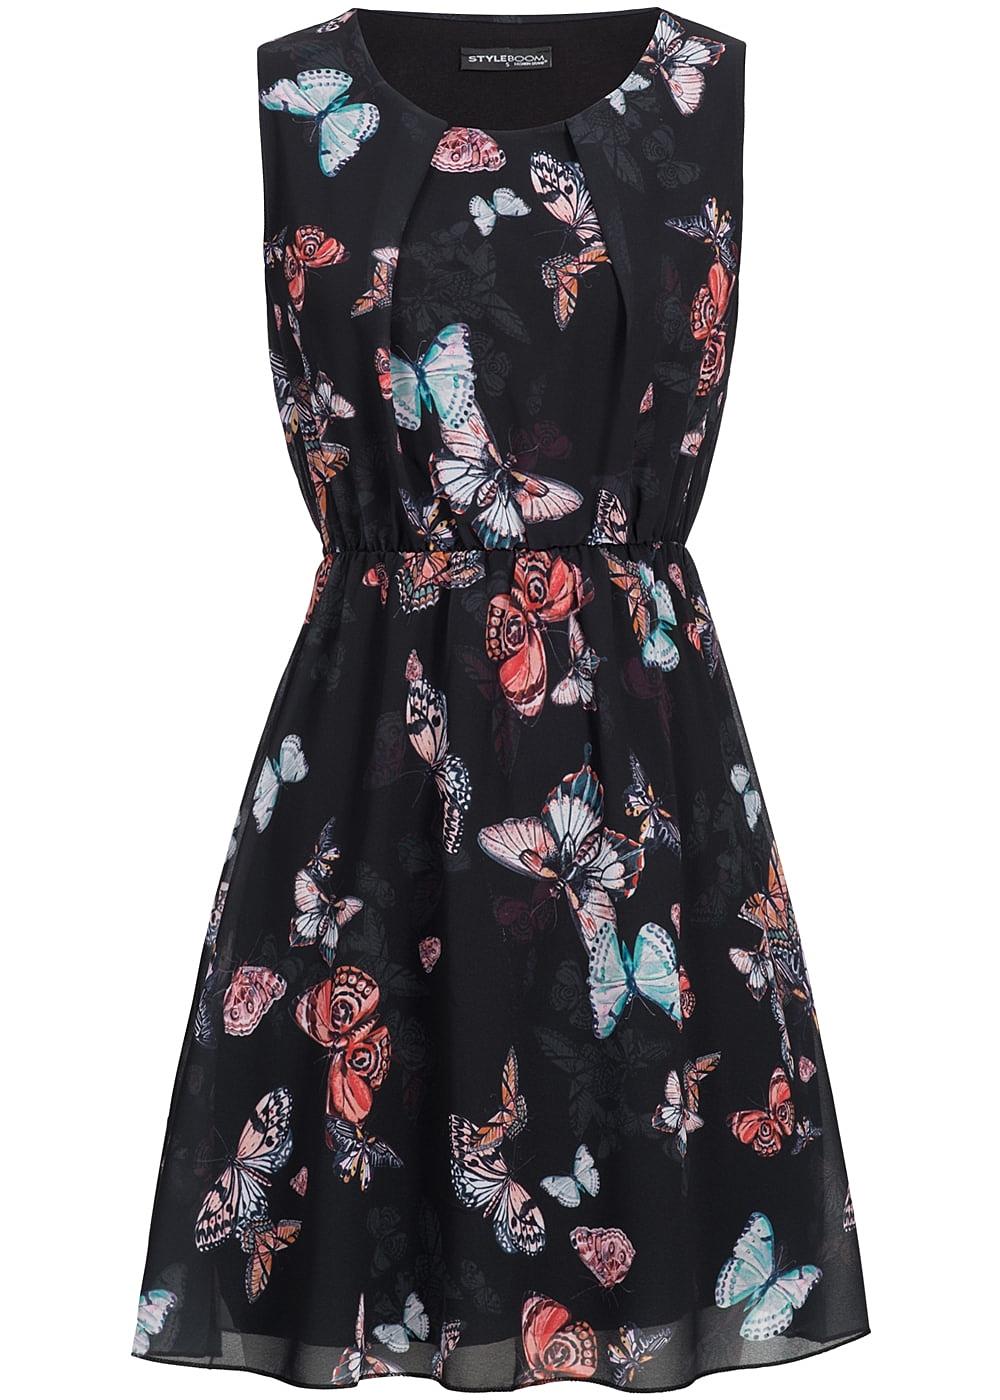 77 Online Shop De : styleboom fashion damen mini kleid gummizug schmetterling muster schwarz 77onlineshop ~ Markanthonyermac.com Haus und Dekorationen